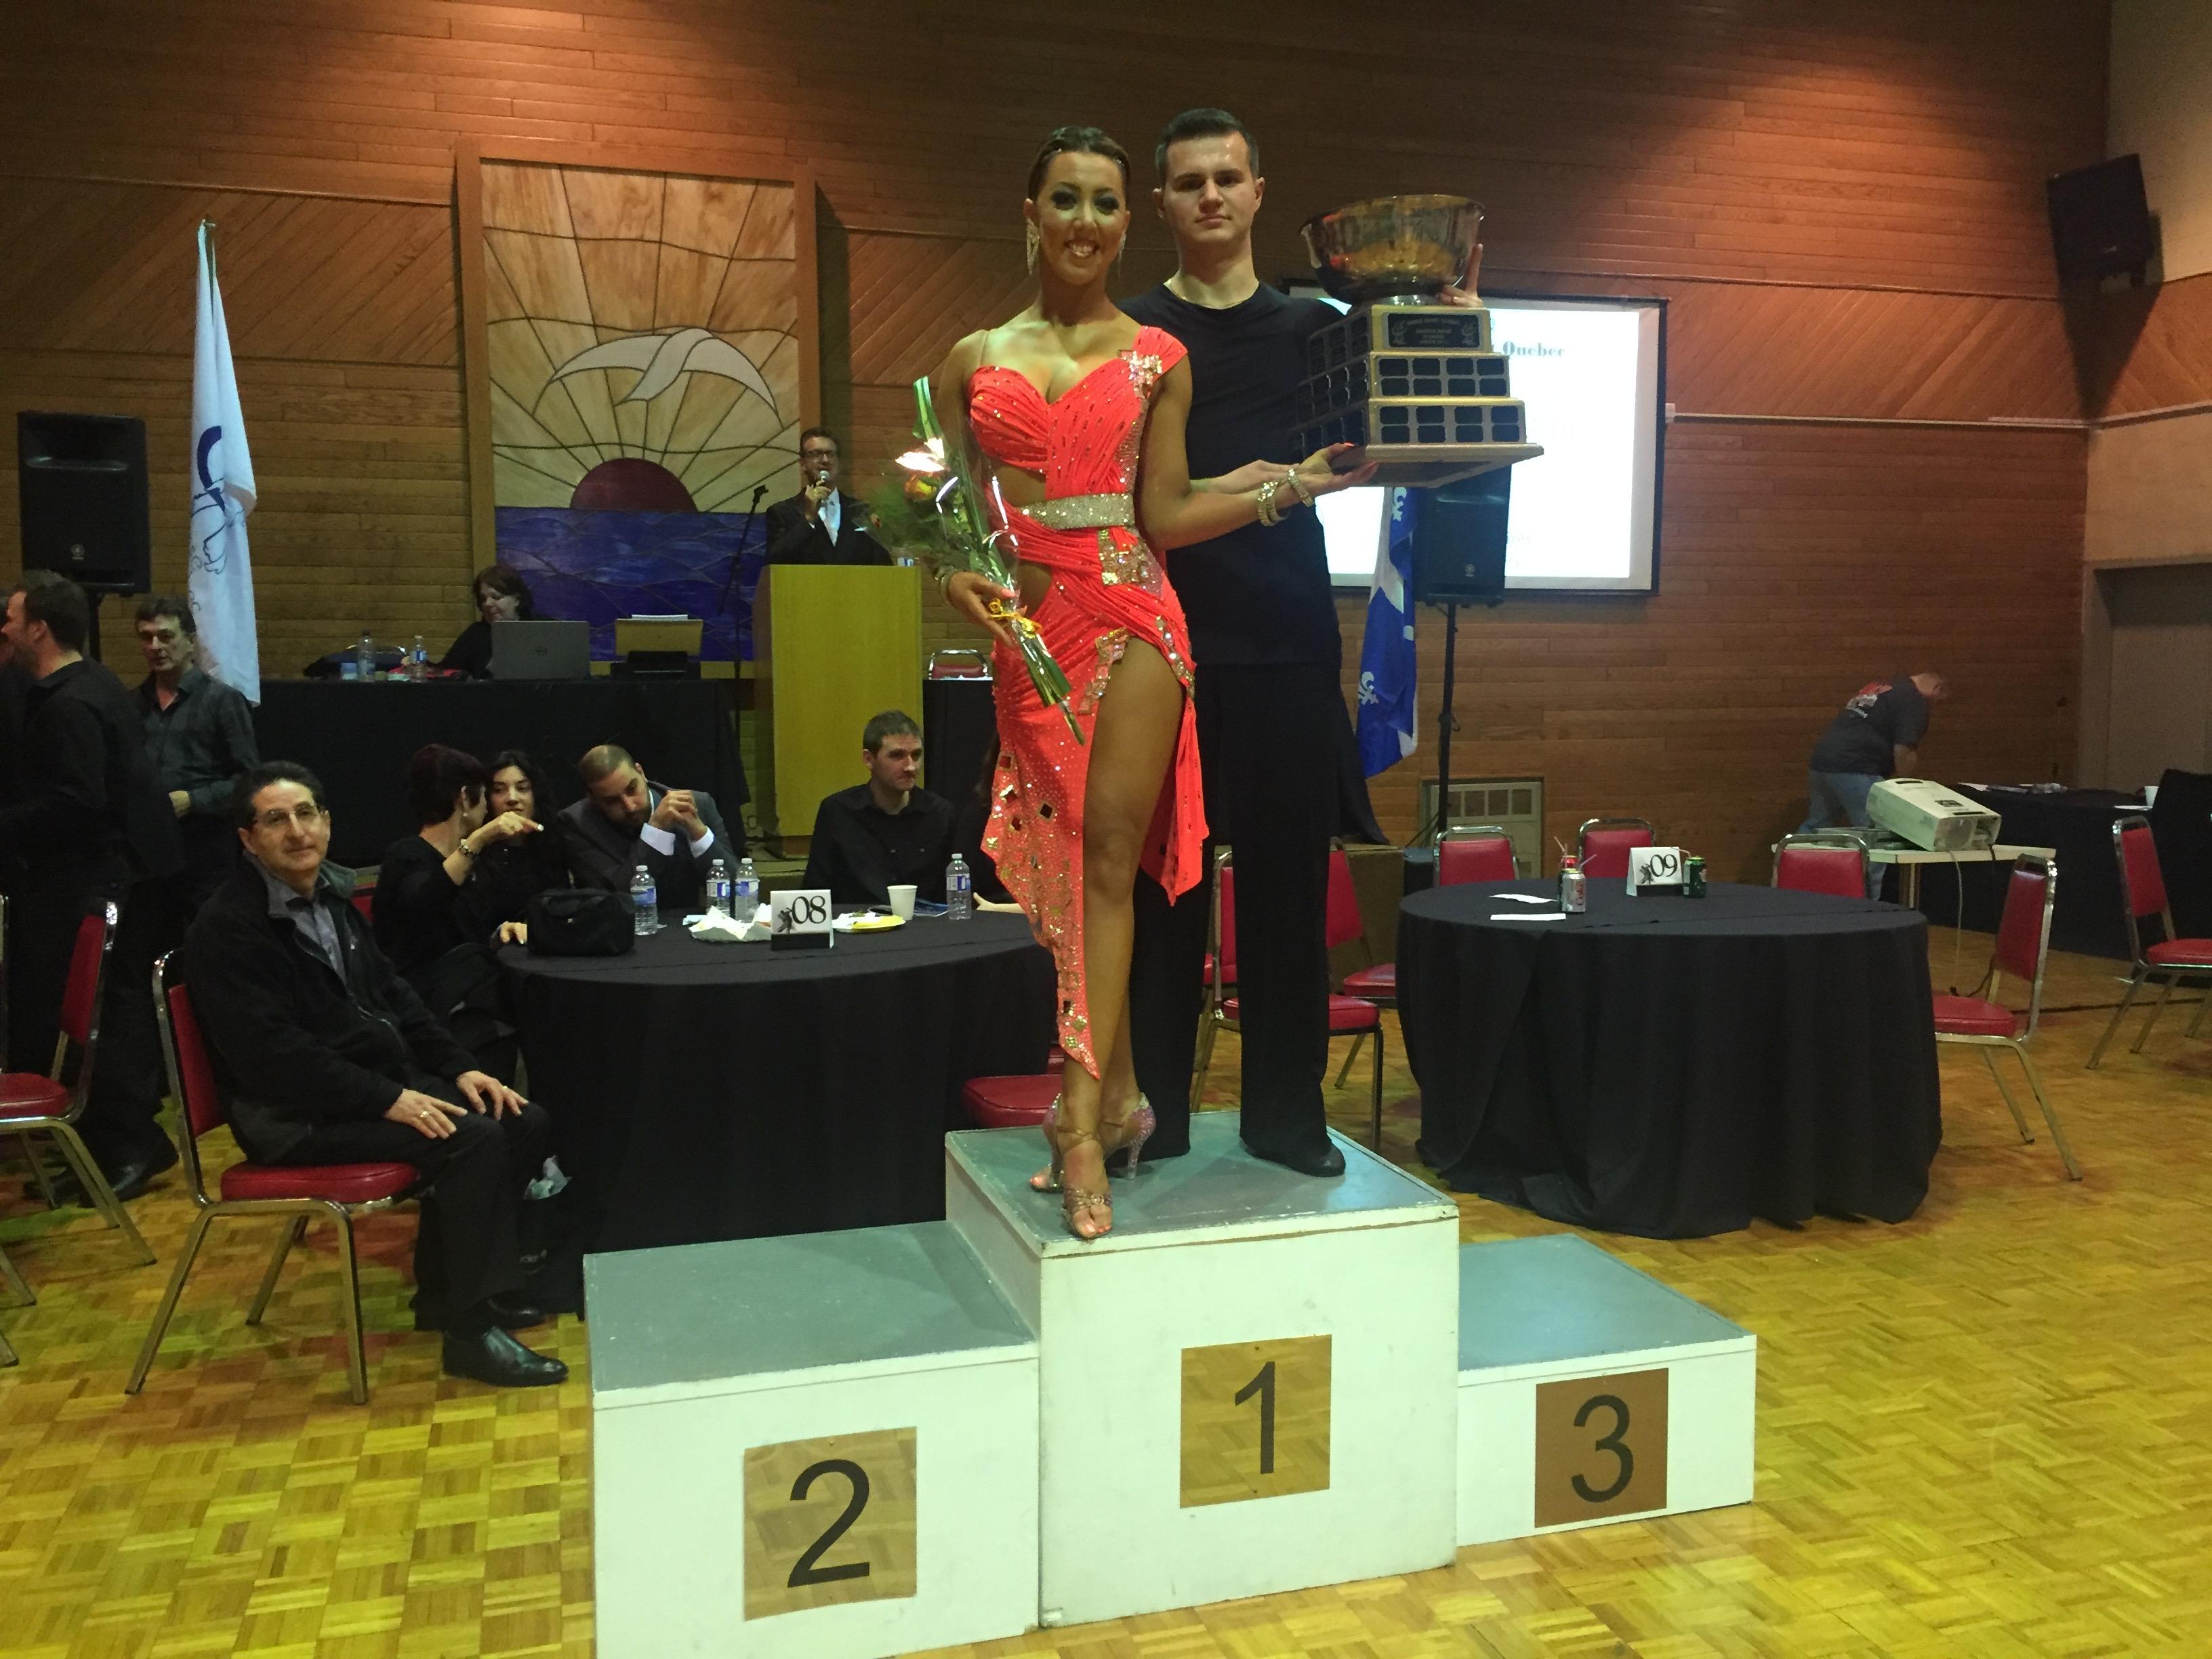 Sarah-Maude Thibaudeau et Daniel Zaharia - Danse Sportive Champions Qébécois